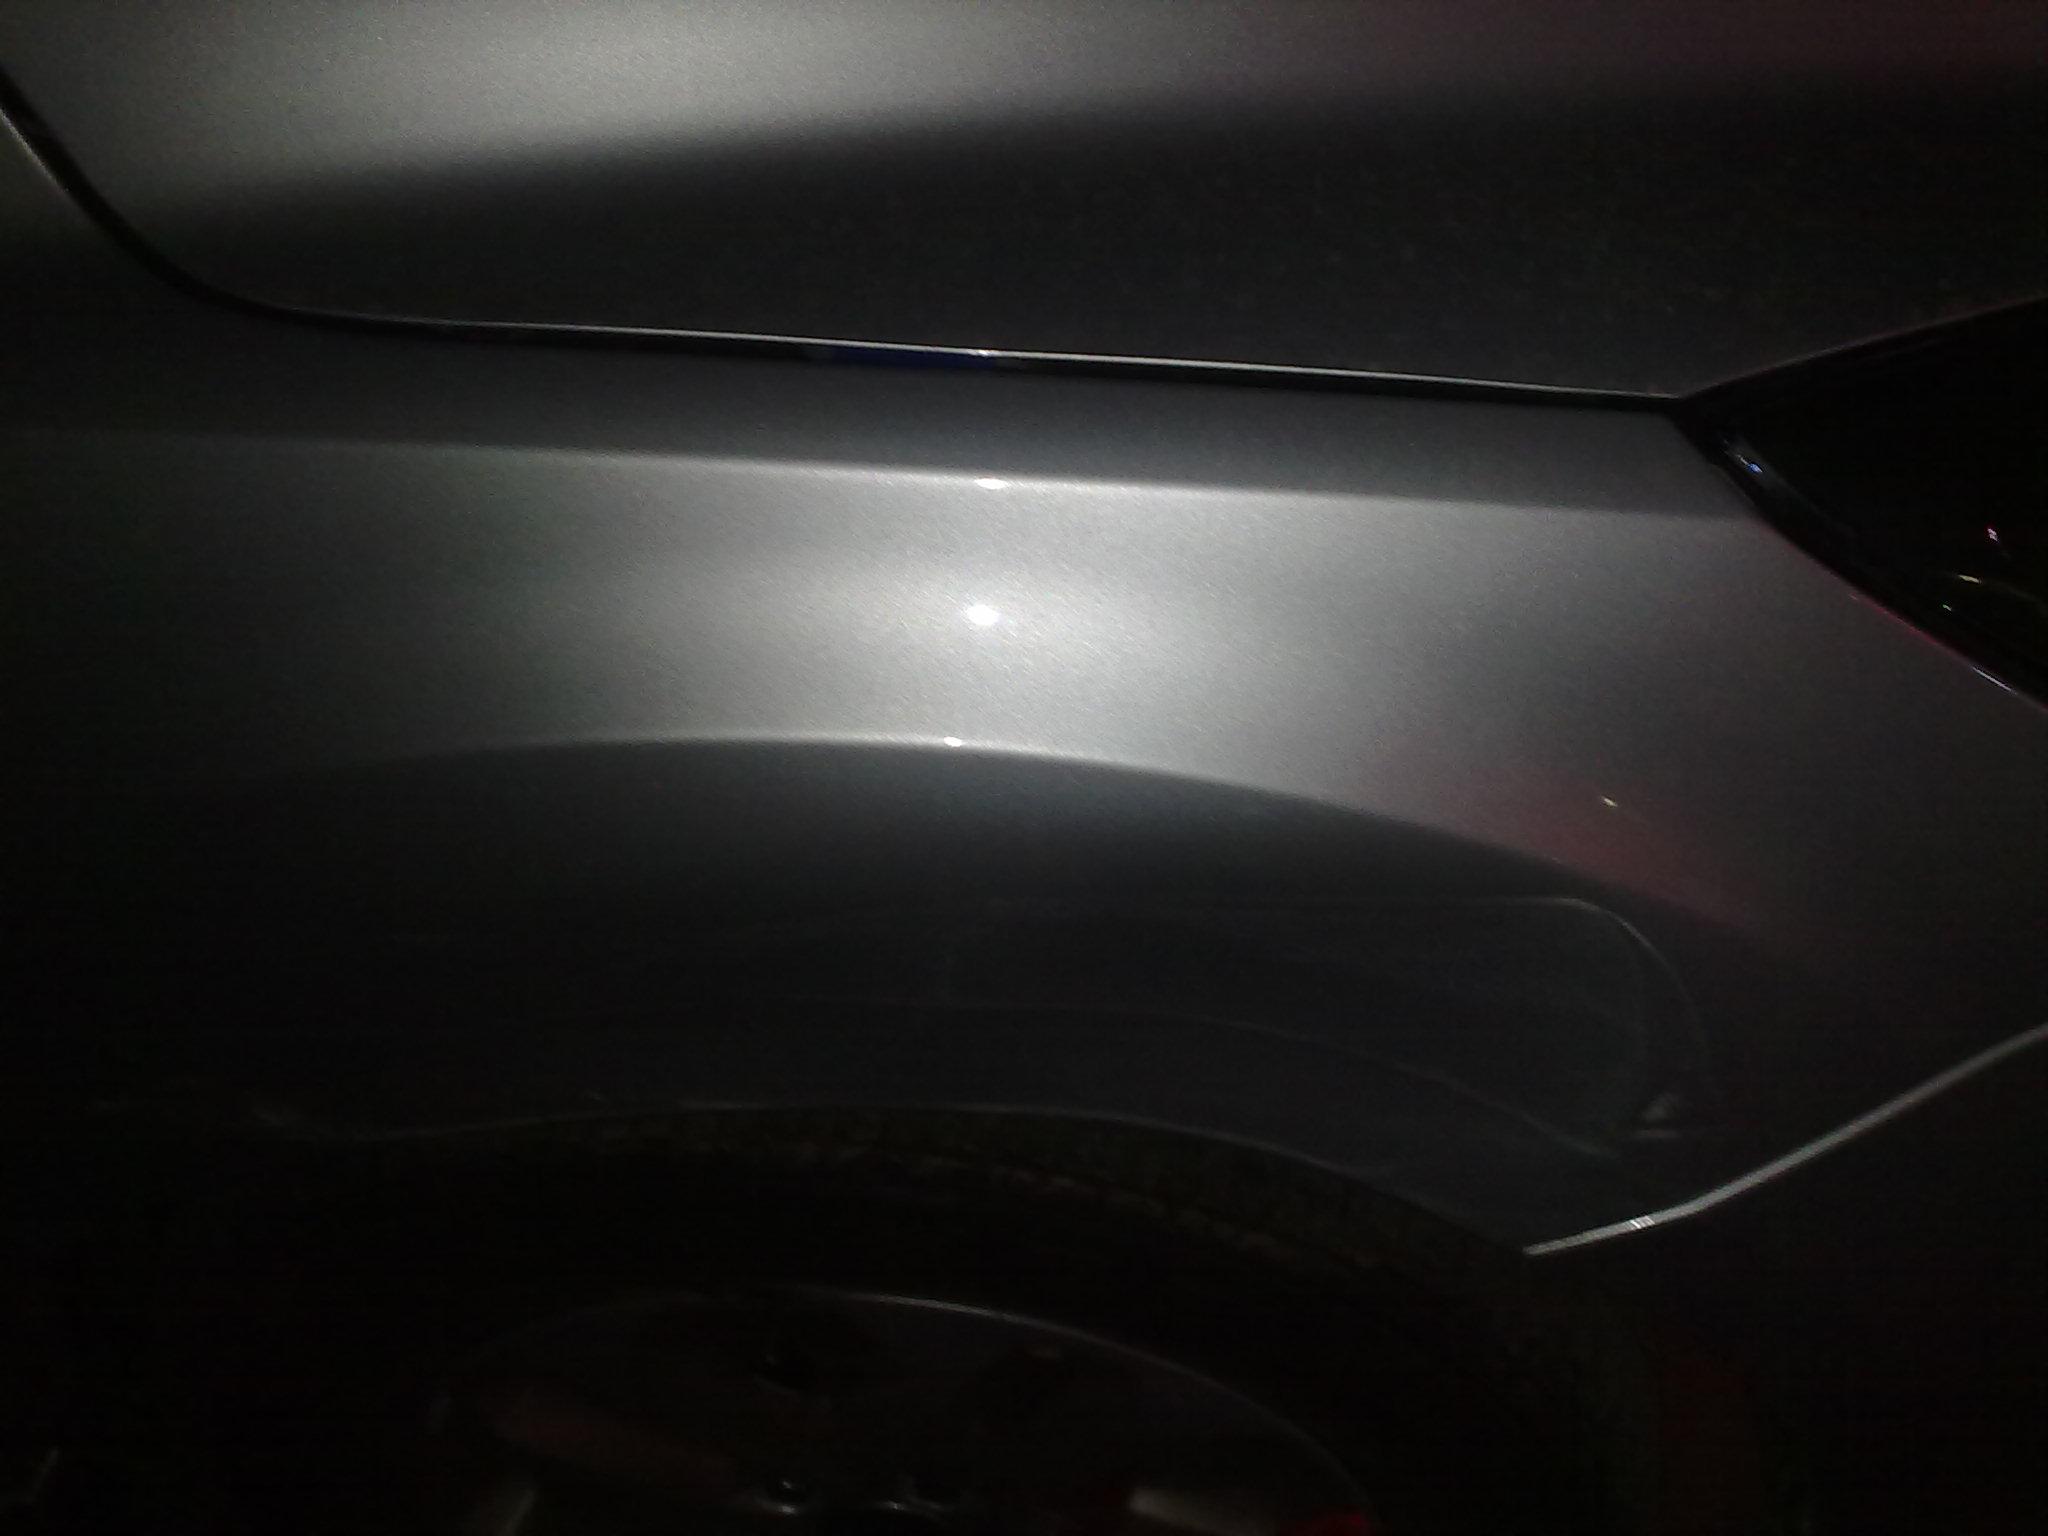 经典福克斯的右前翼子板被撞憋了 修理加喷漆多少钱啊 换高清图片